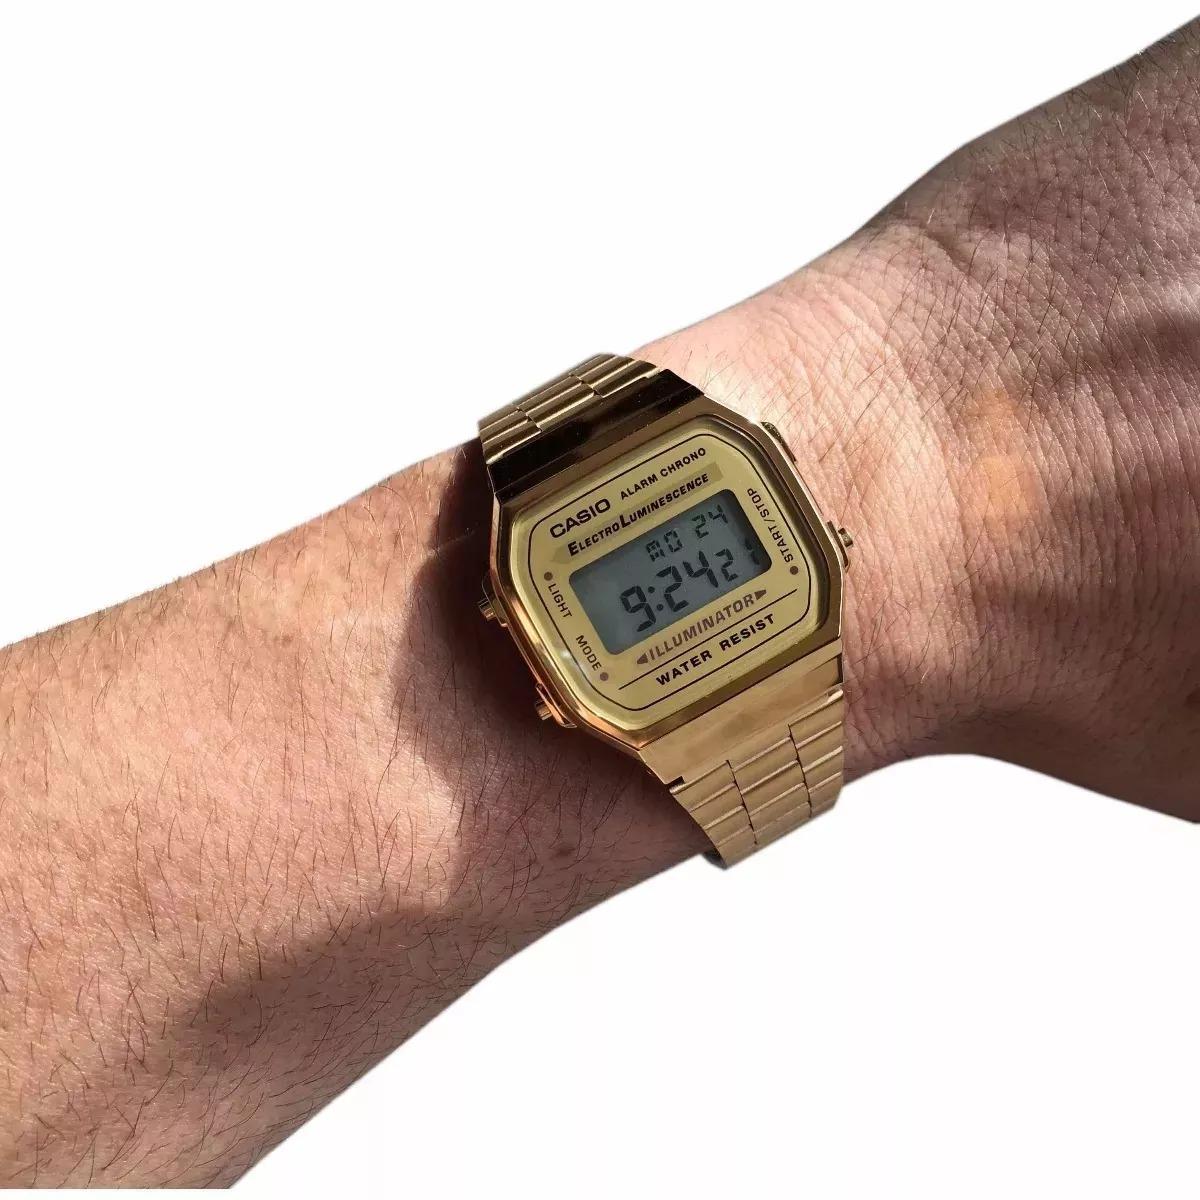 a4e768425a7 Relógio Casio Unisex A168 Retrô Vintage Original - R  50